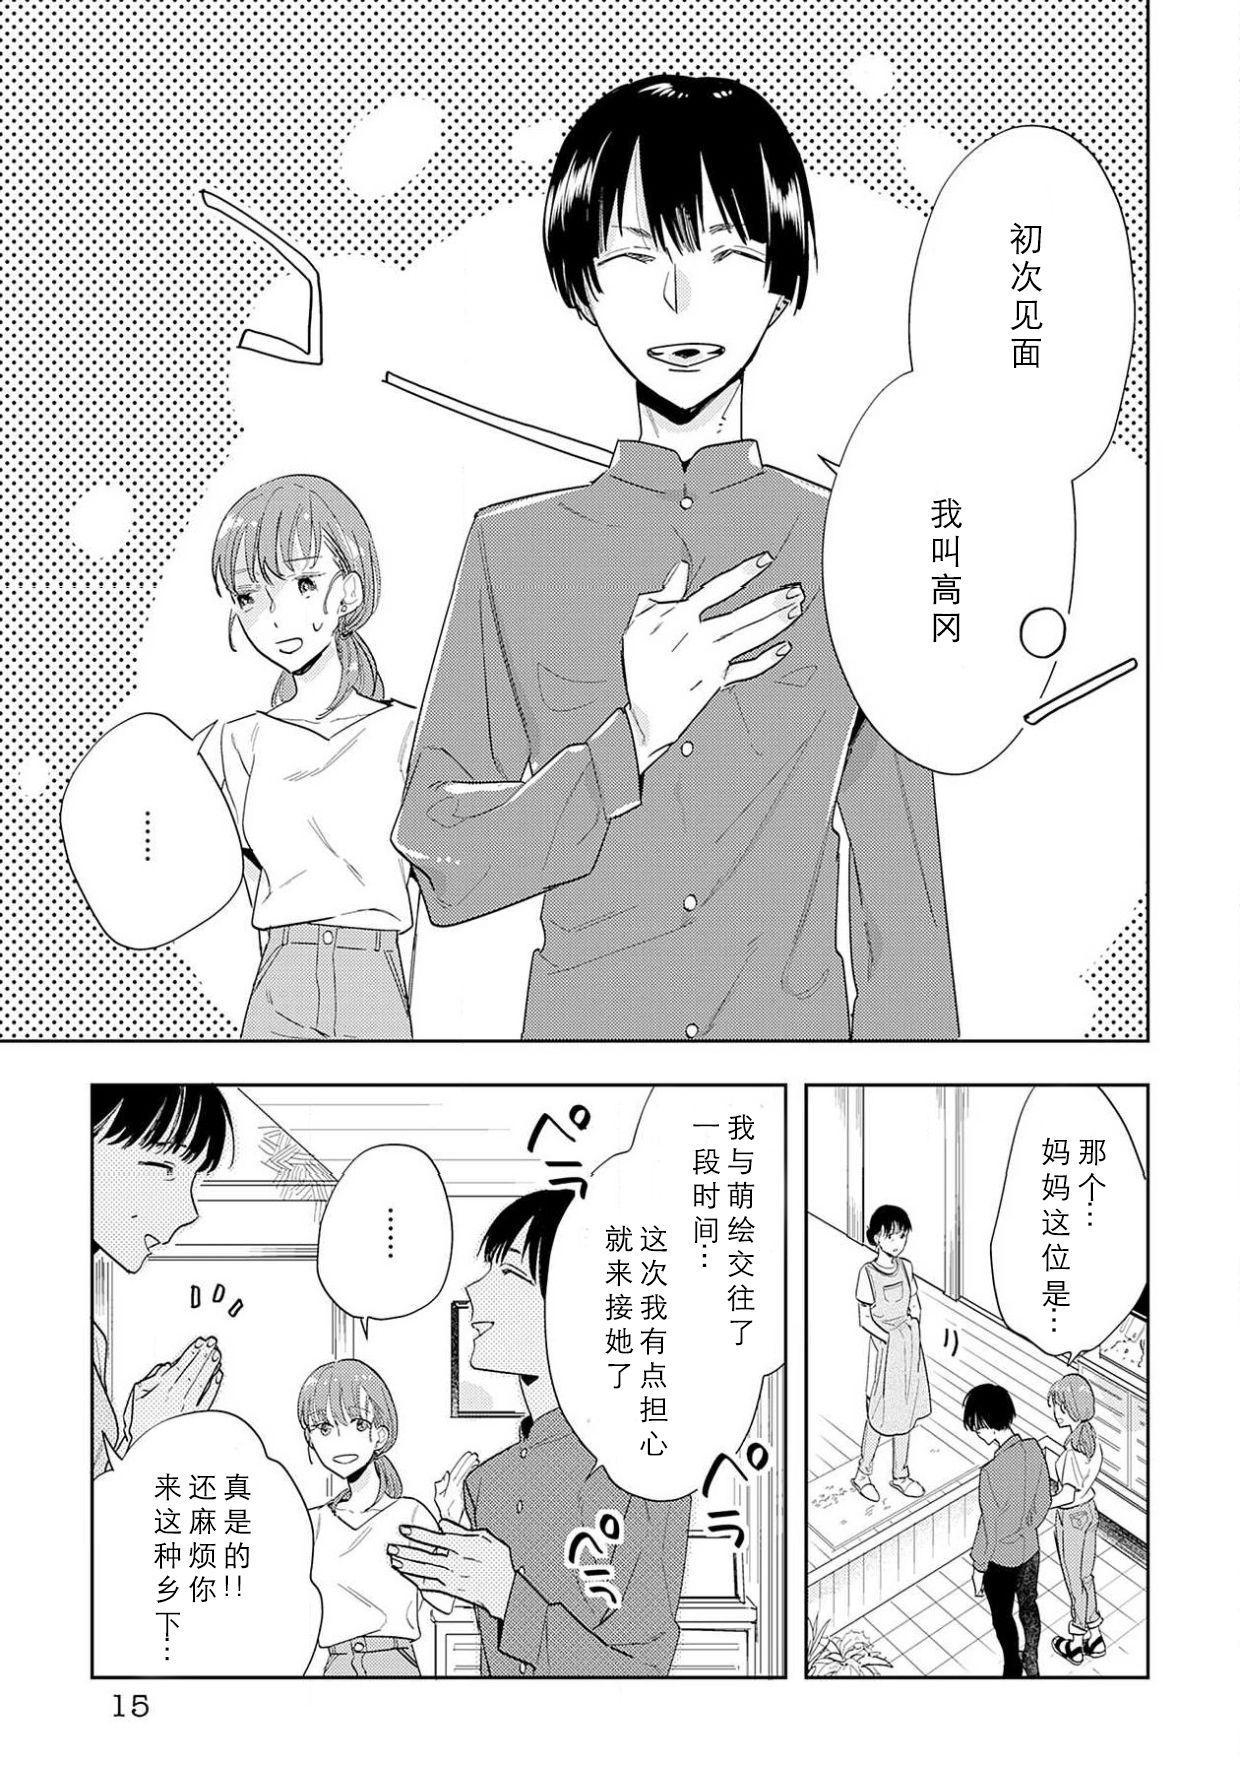 [Hachikawa Kyuu] Kami-sama to Ikenie H Keiyaku Shichaimashita | 我与神明大人签订了祭品H契约 1-3 [Chinese] [莉赛特汉化组] 13